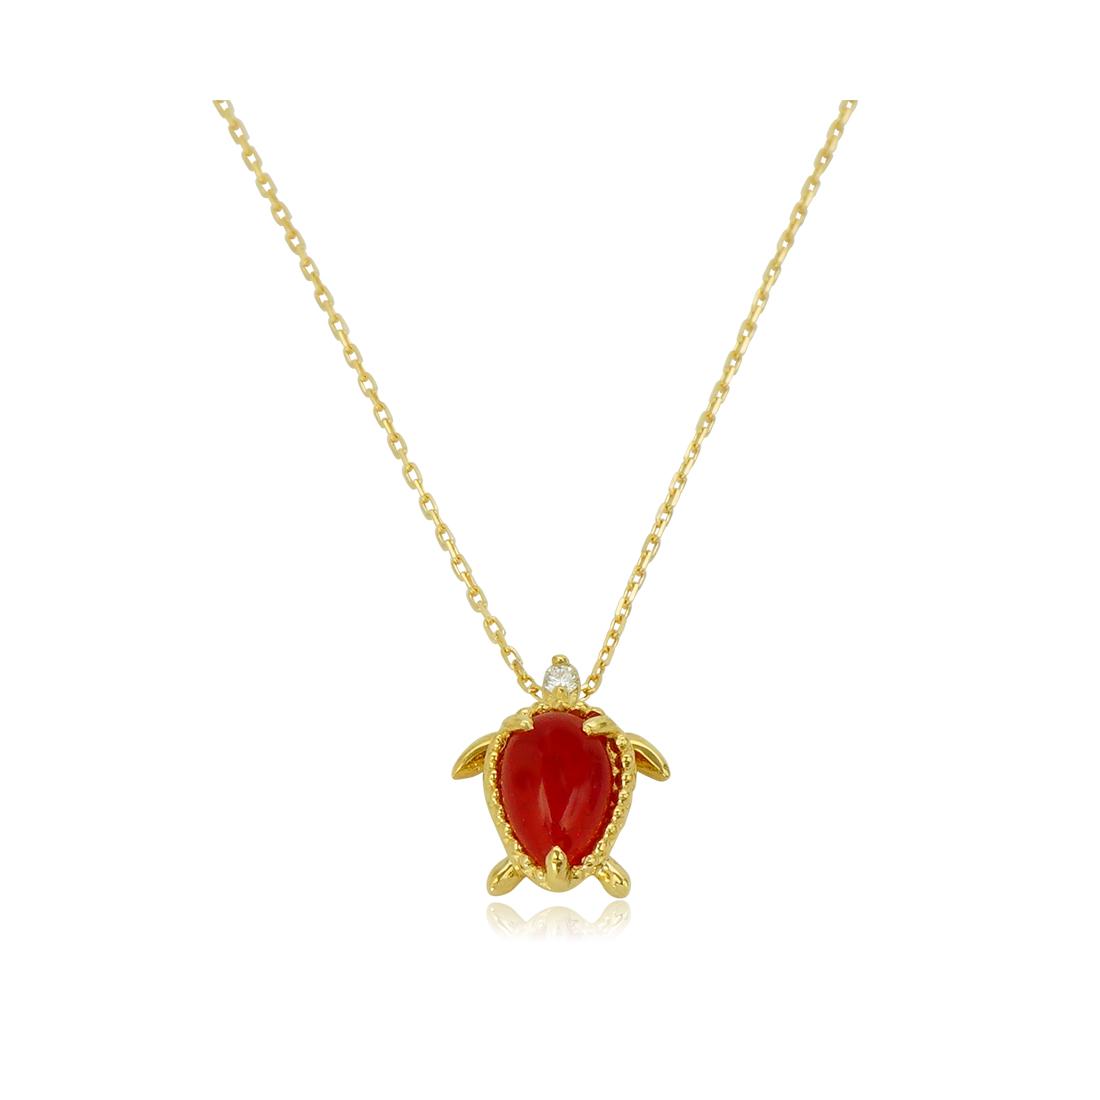 アロハエコル ネックレス K18 赤サンゴ ホヌ イエローゴールド プレゼント ギフト 女性 レディース 贈り物 母の日 ジュエリー